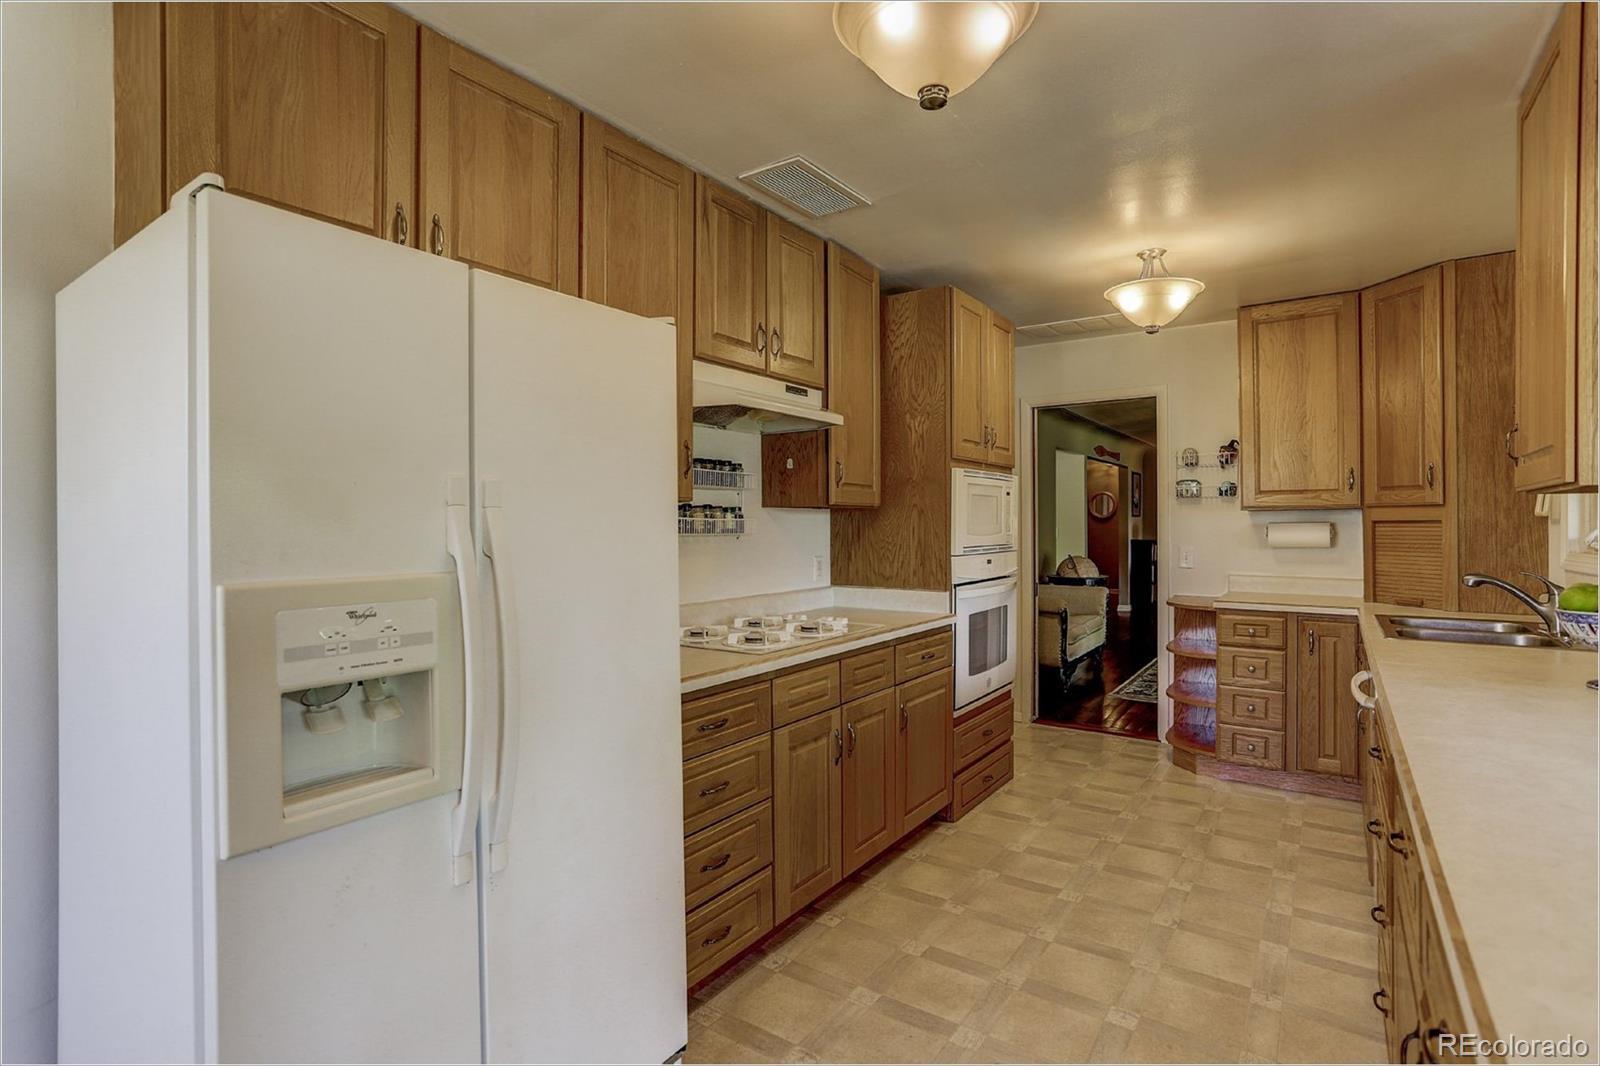 MLS# 4399857 - 9 - 3001 S Steele Street, Denver, CO 80210